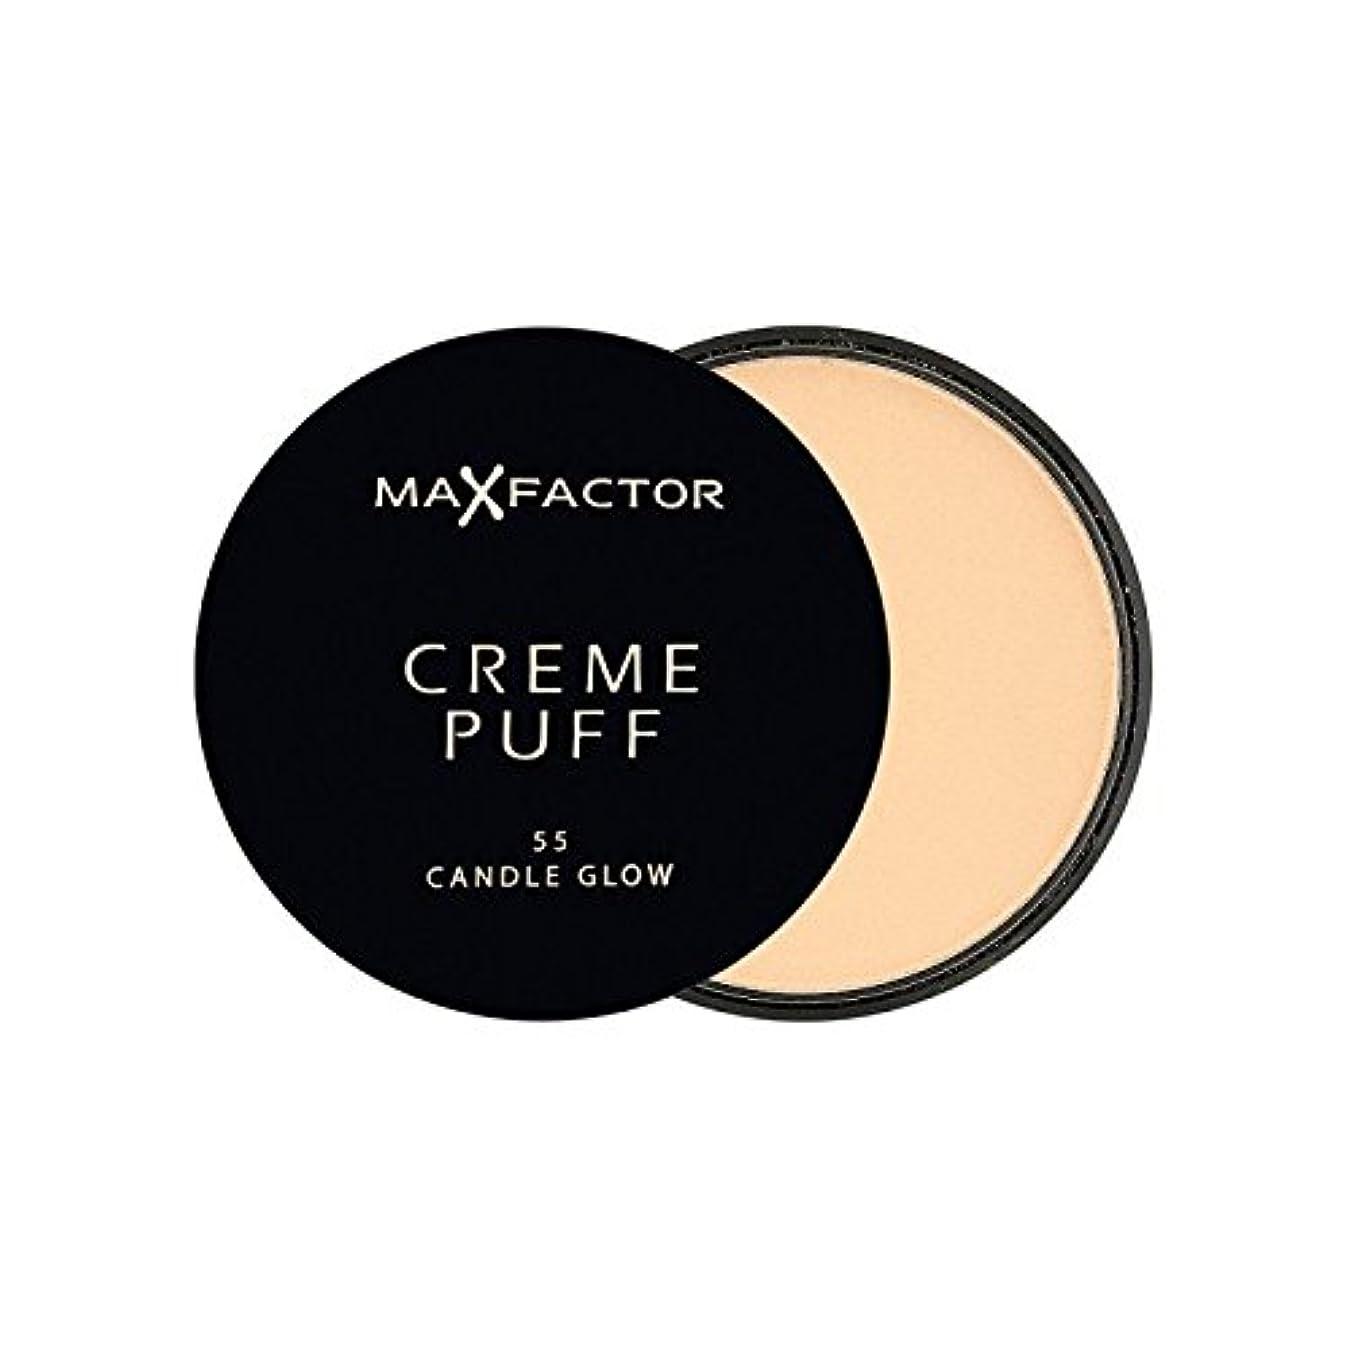 無駄ハードウェア悲観的Max Factor Creme Puff Powder Compact Candle Glow 55 - マックスファクタークリームパフパウダーコンパクトろうそくは55グロー [並行輸入品]